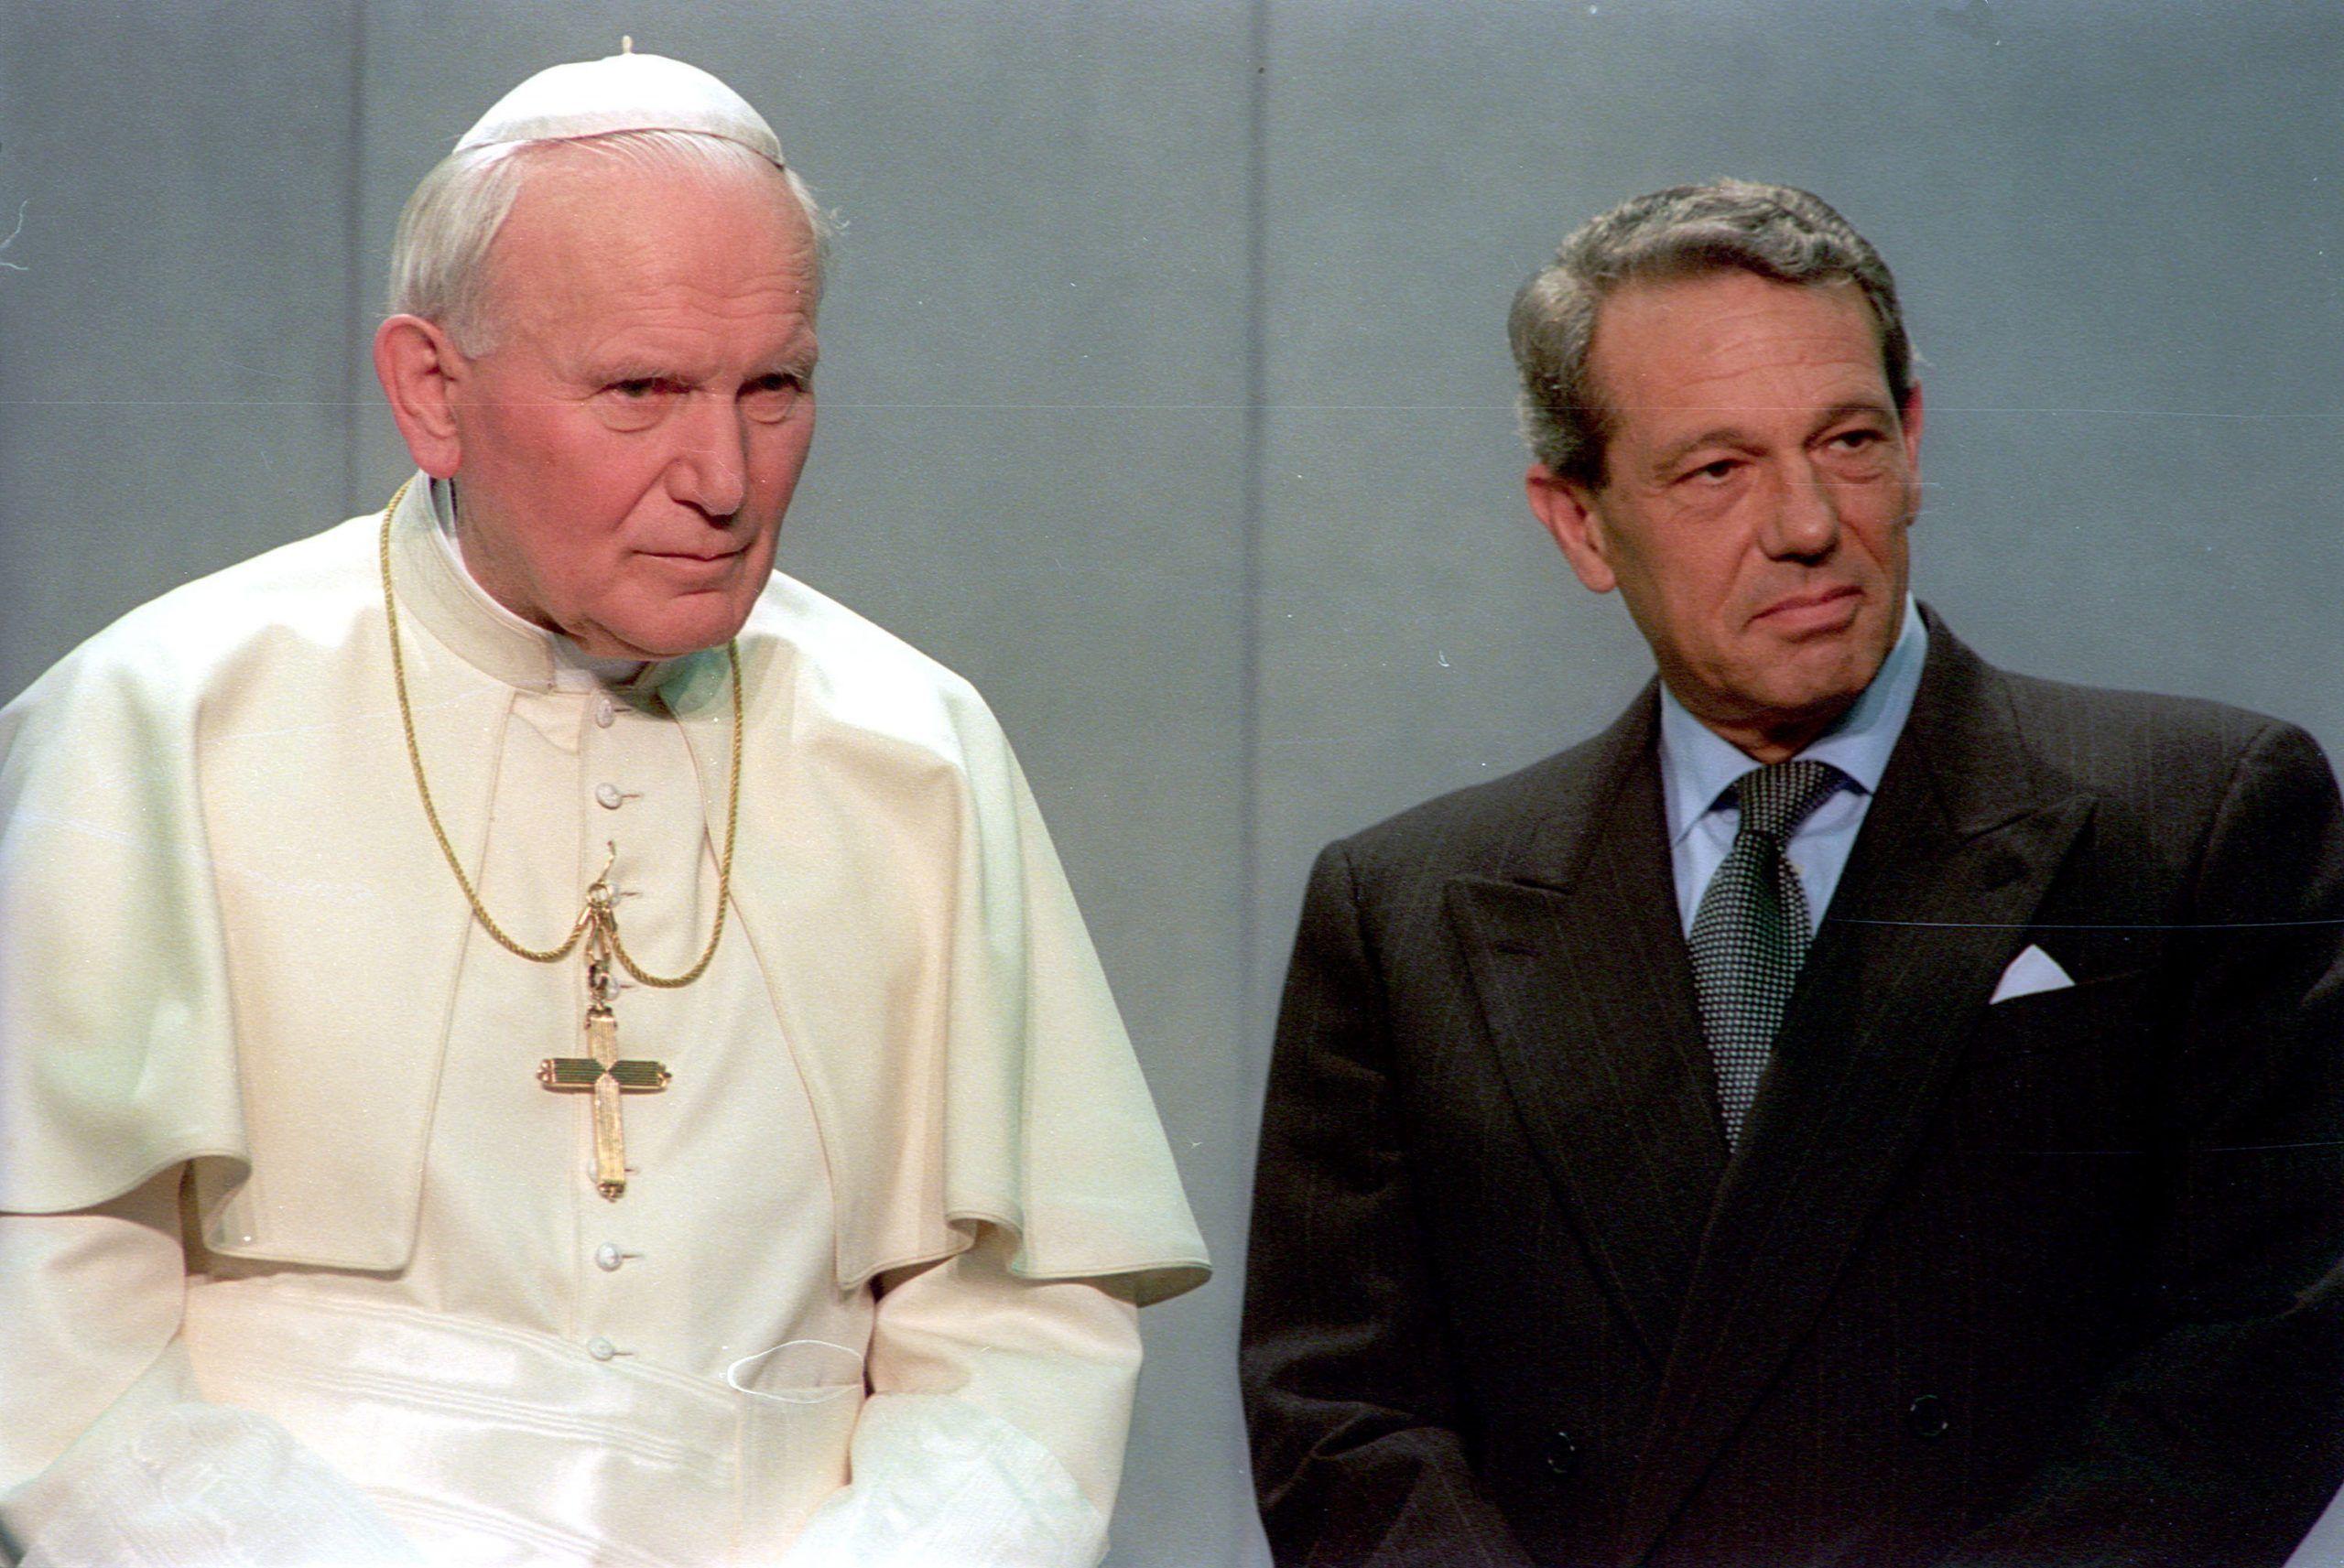 Morto Joaquìn Navarro Valls, addio allo storico portavoce di Papa Wojtyla